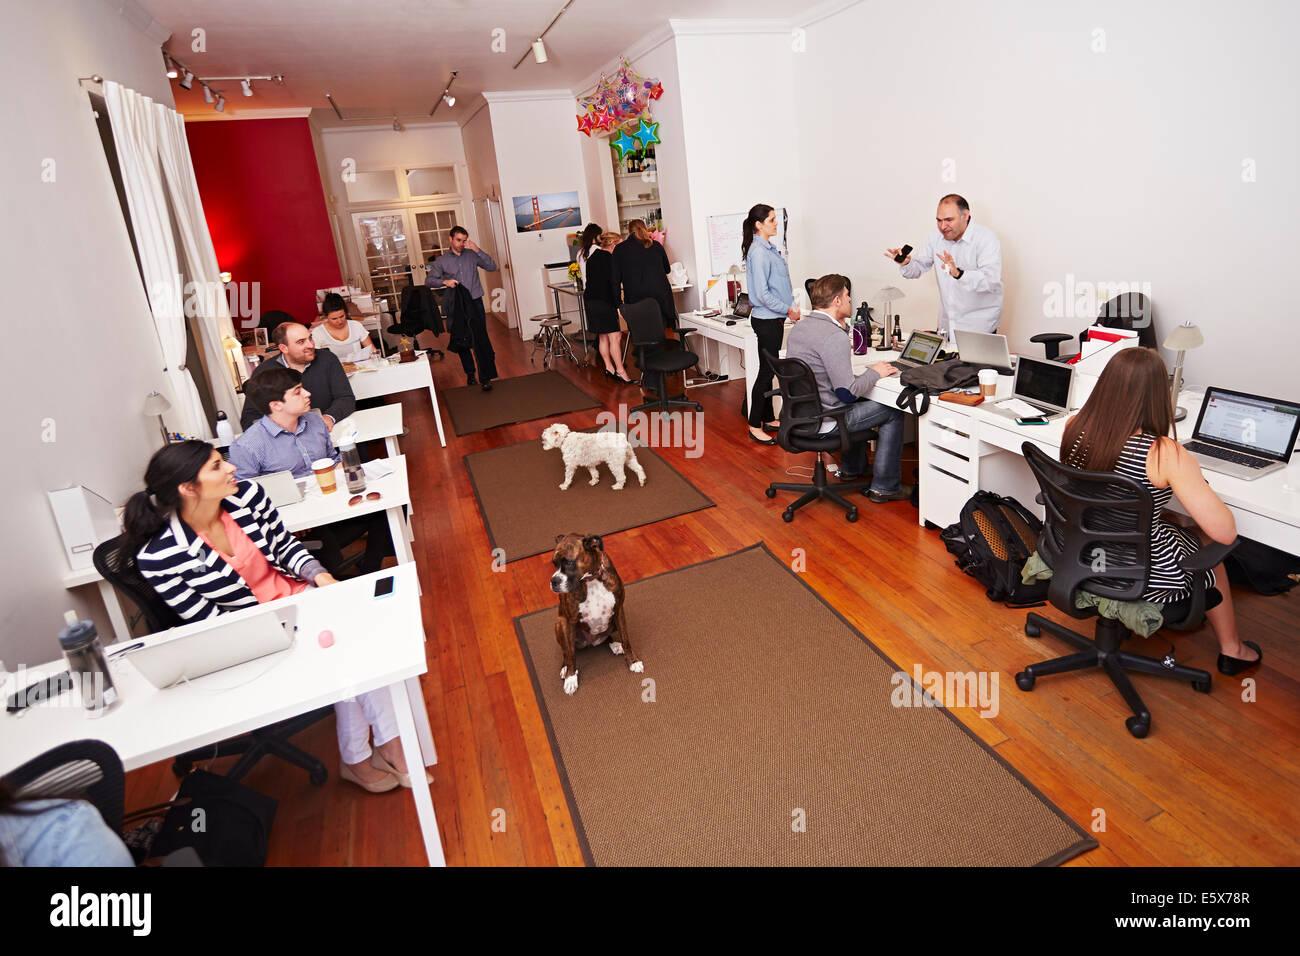 Las personas en el trabajo en una oficina moderna con perros Imagen De Stock